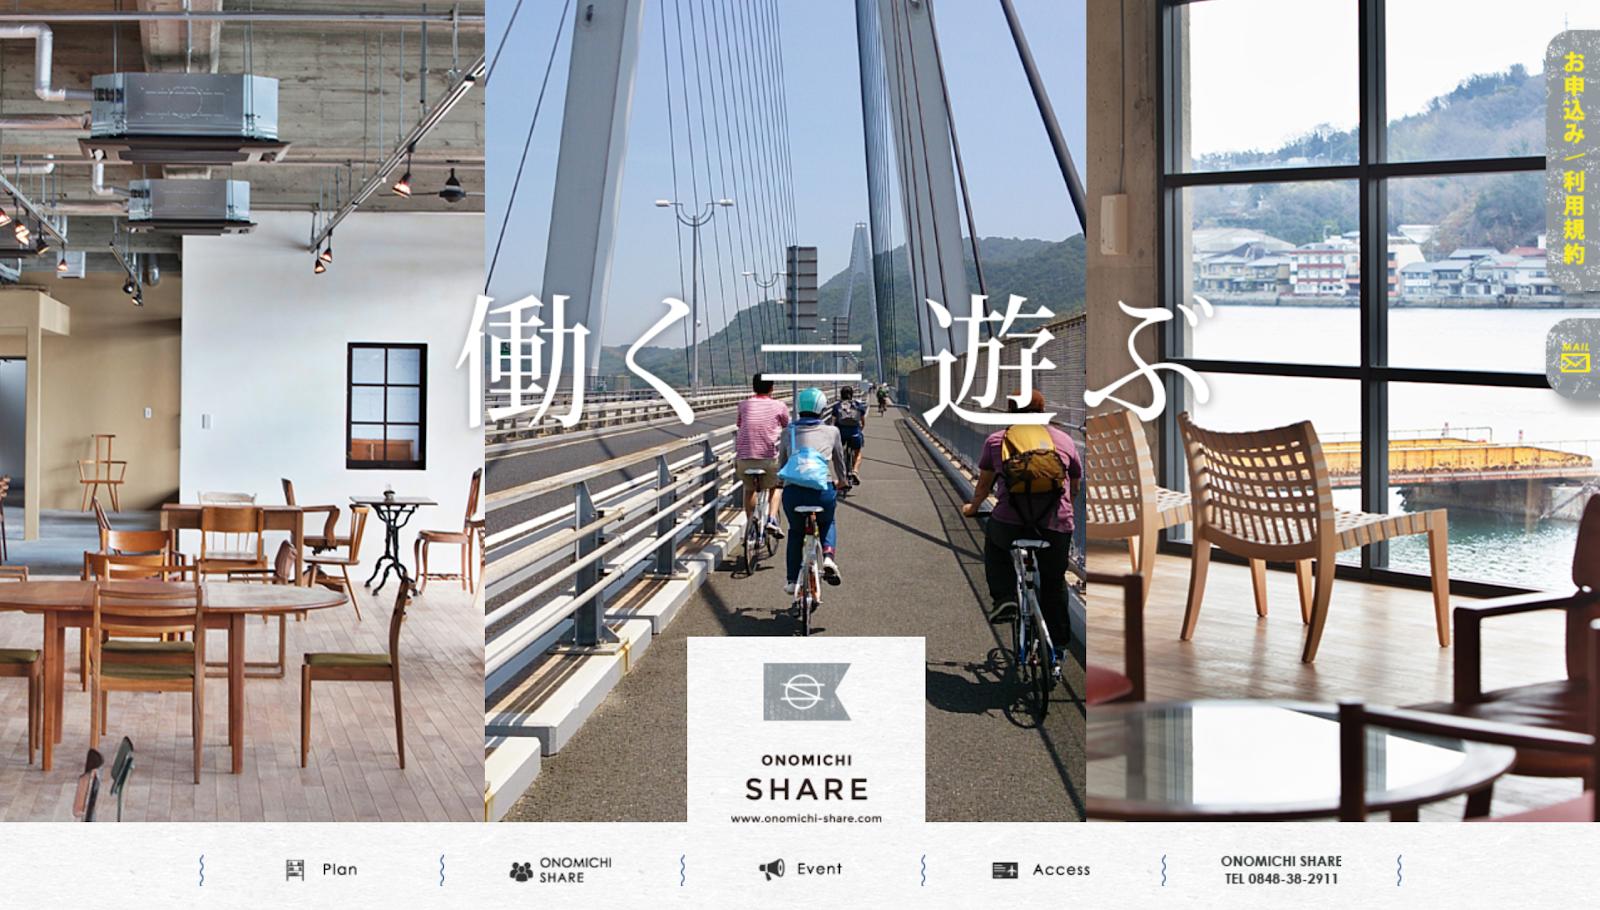 「ONOMICHI SHARE」公式サイト